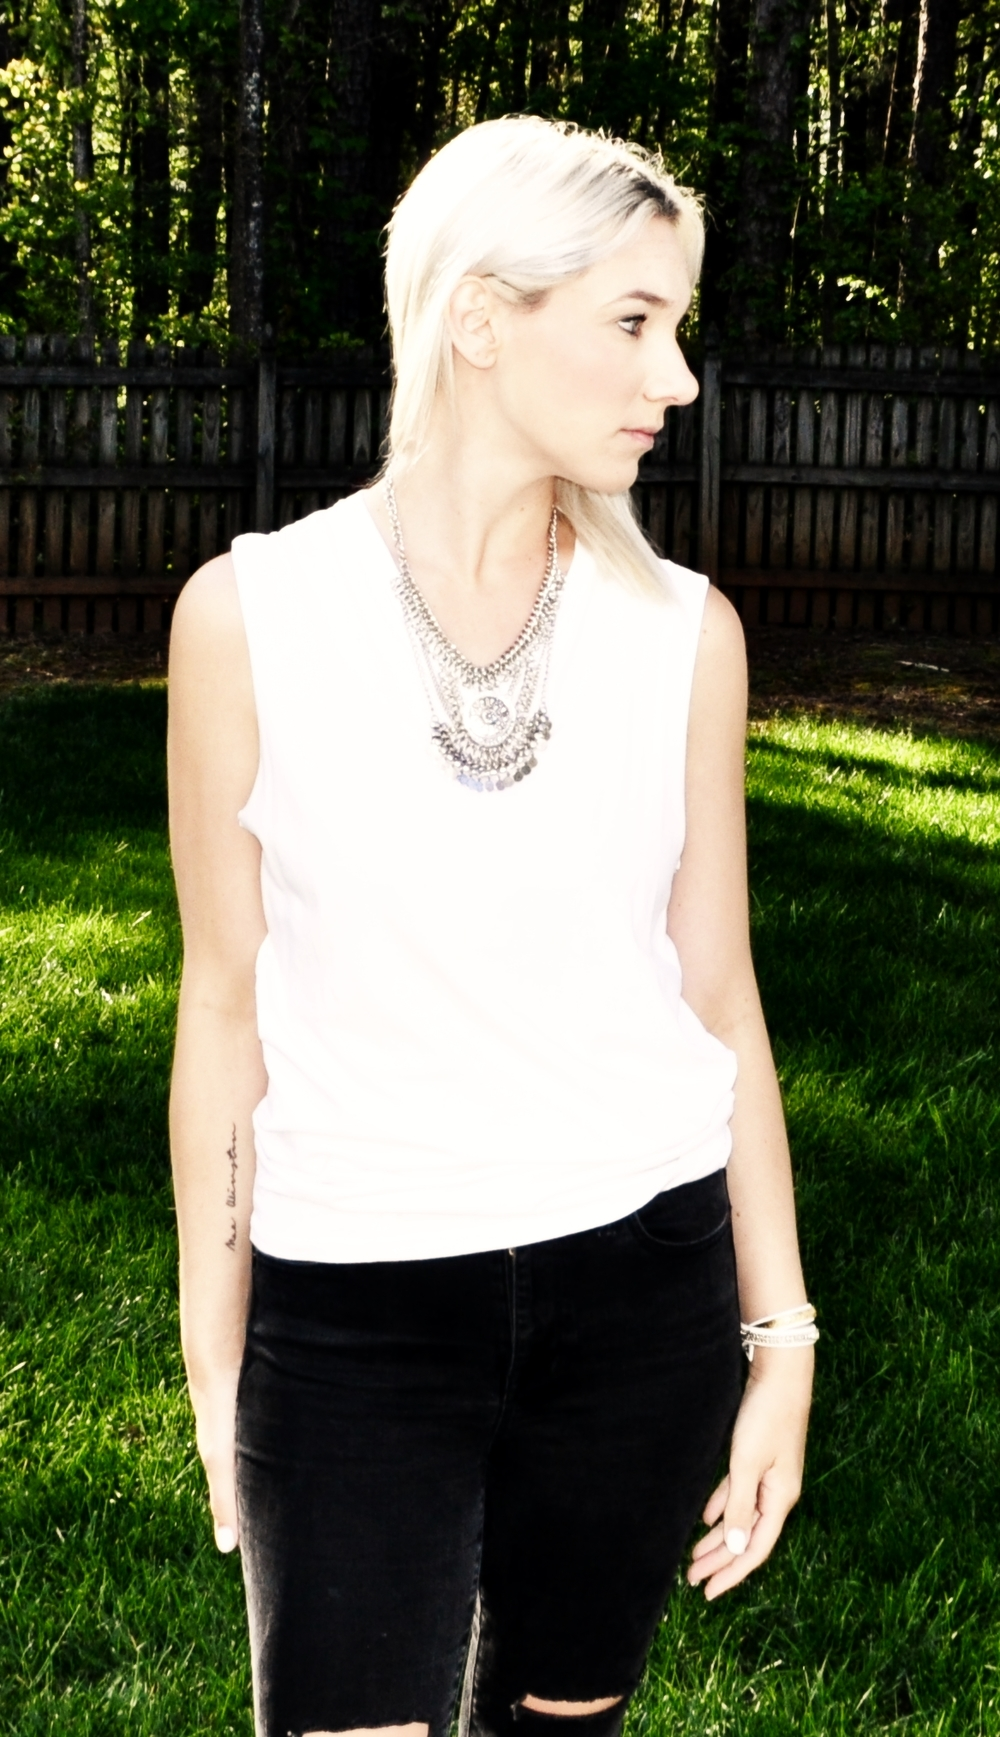 Hubbys white tee pic 2.jpg